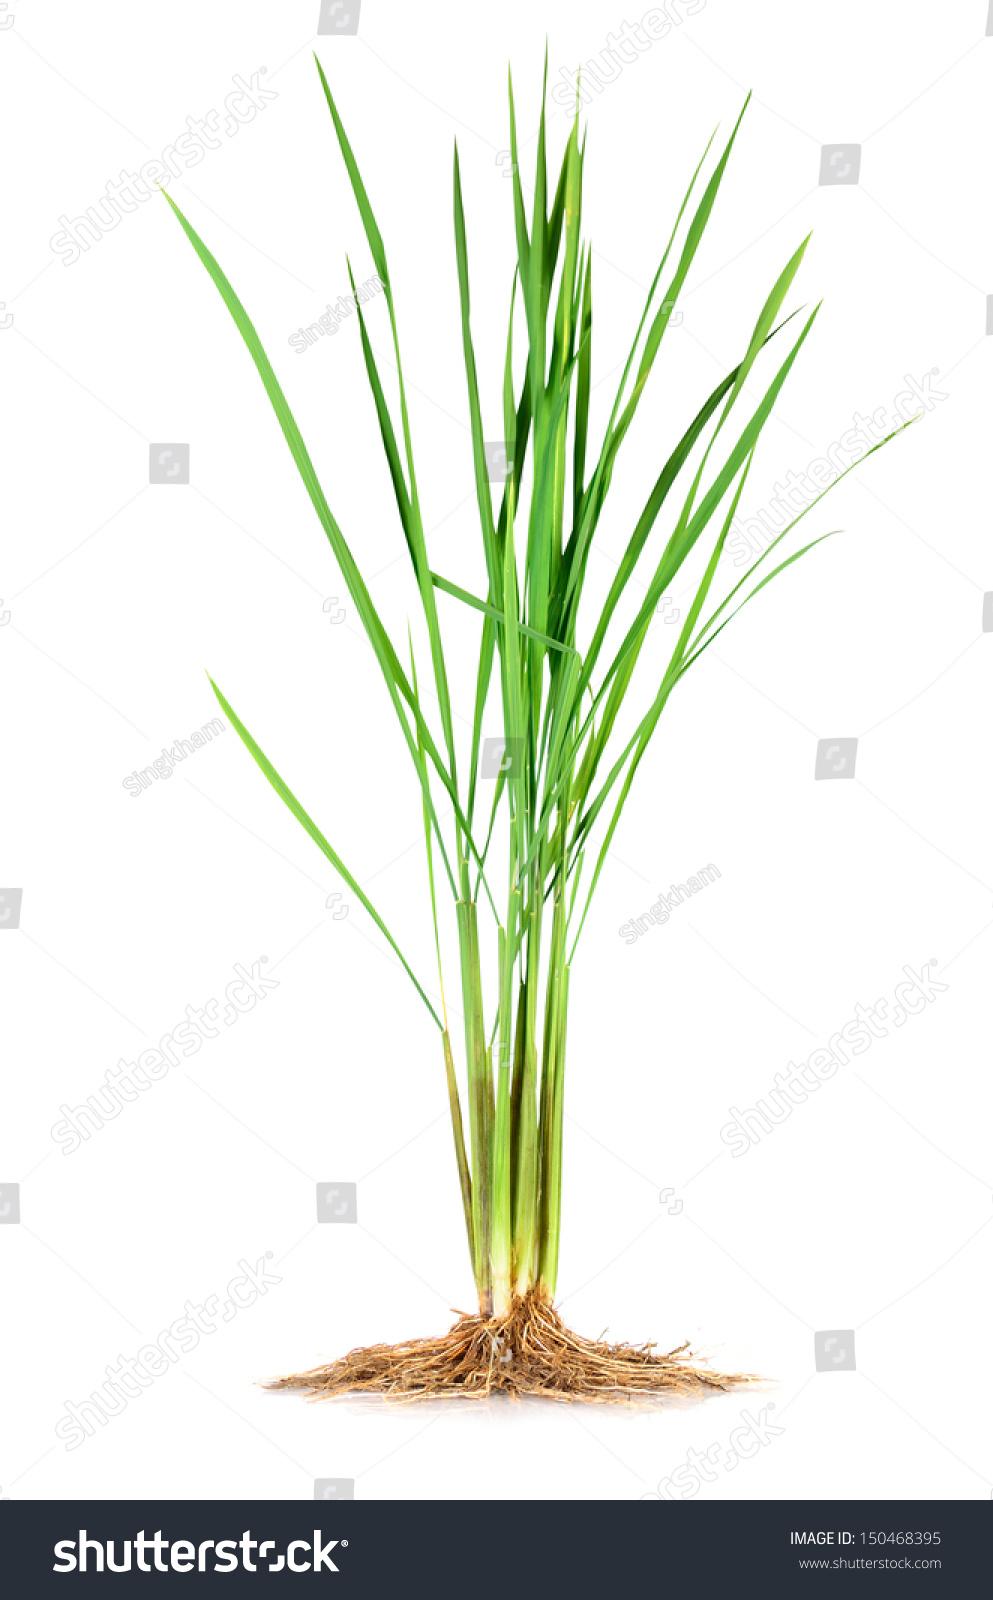 Anatomy Monocotyledon Jasmine Rice Plant Stock Photo (Edit Now ...